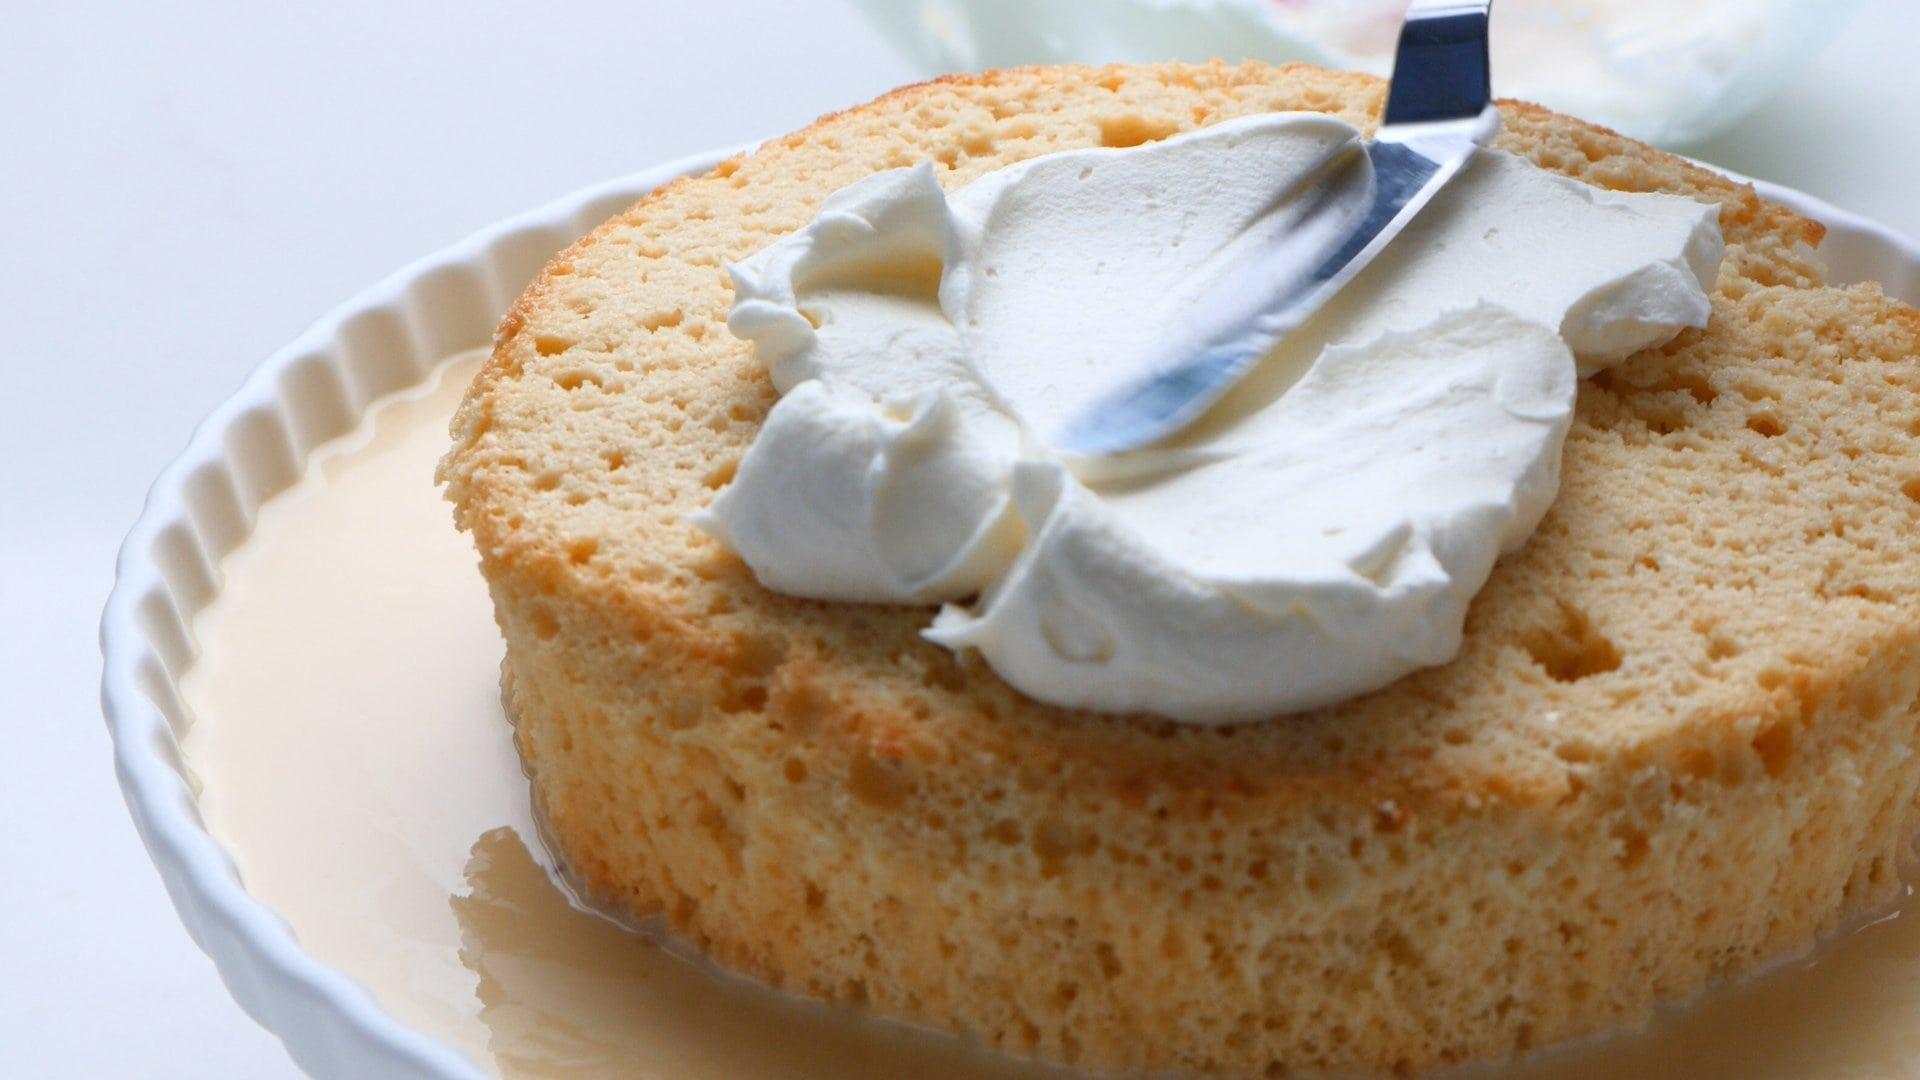 Untando el pastel con crema batida